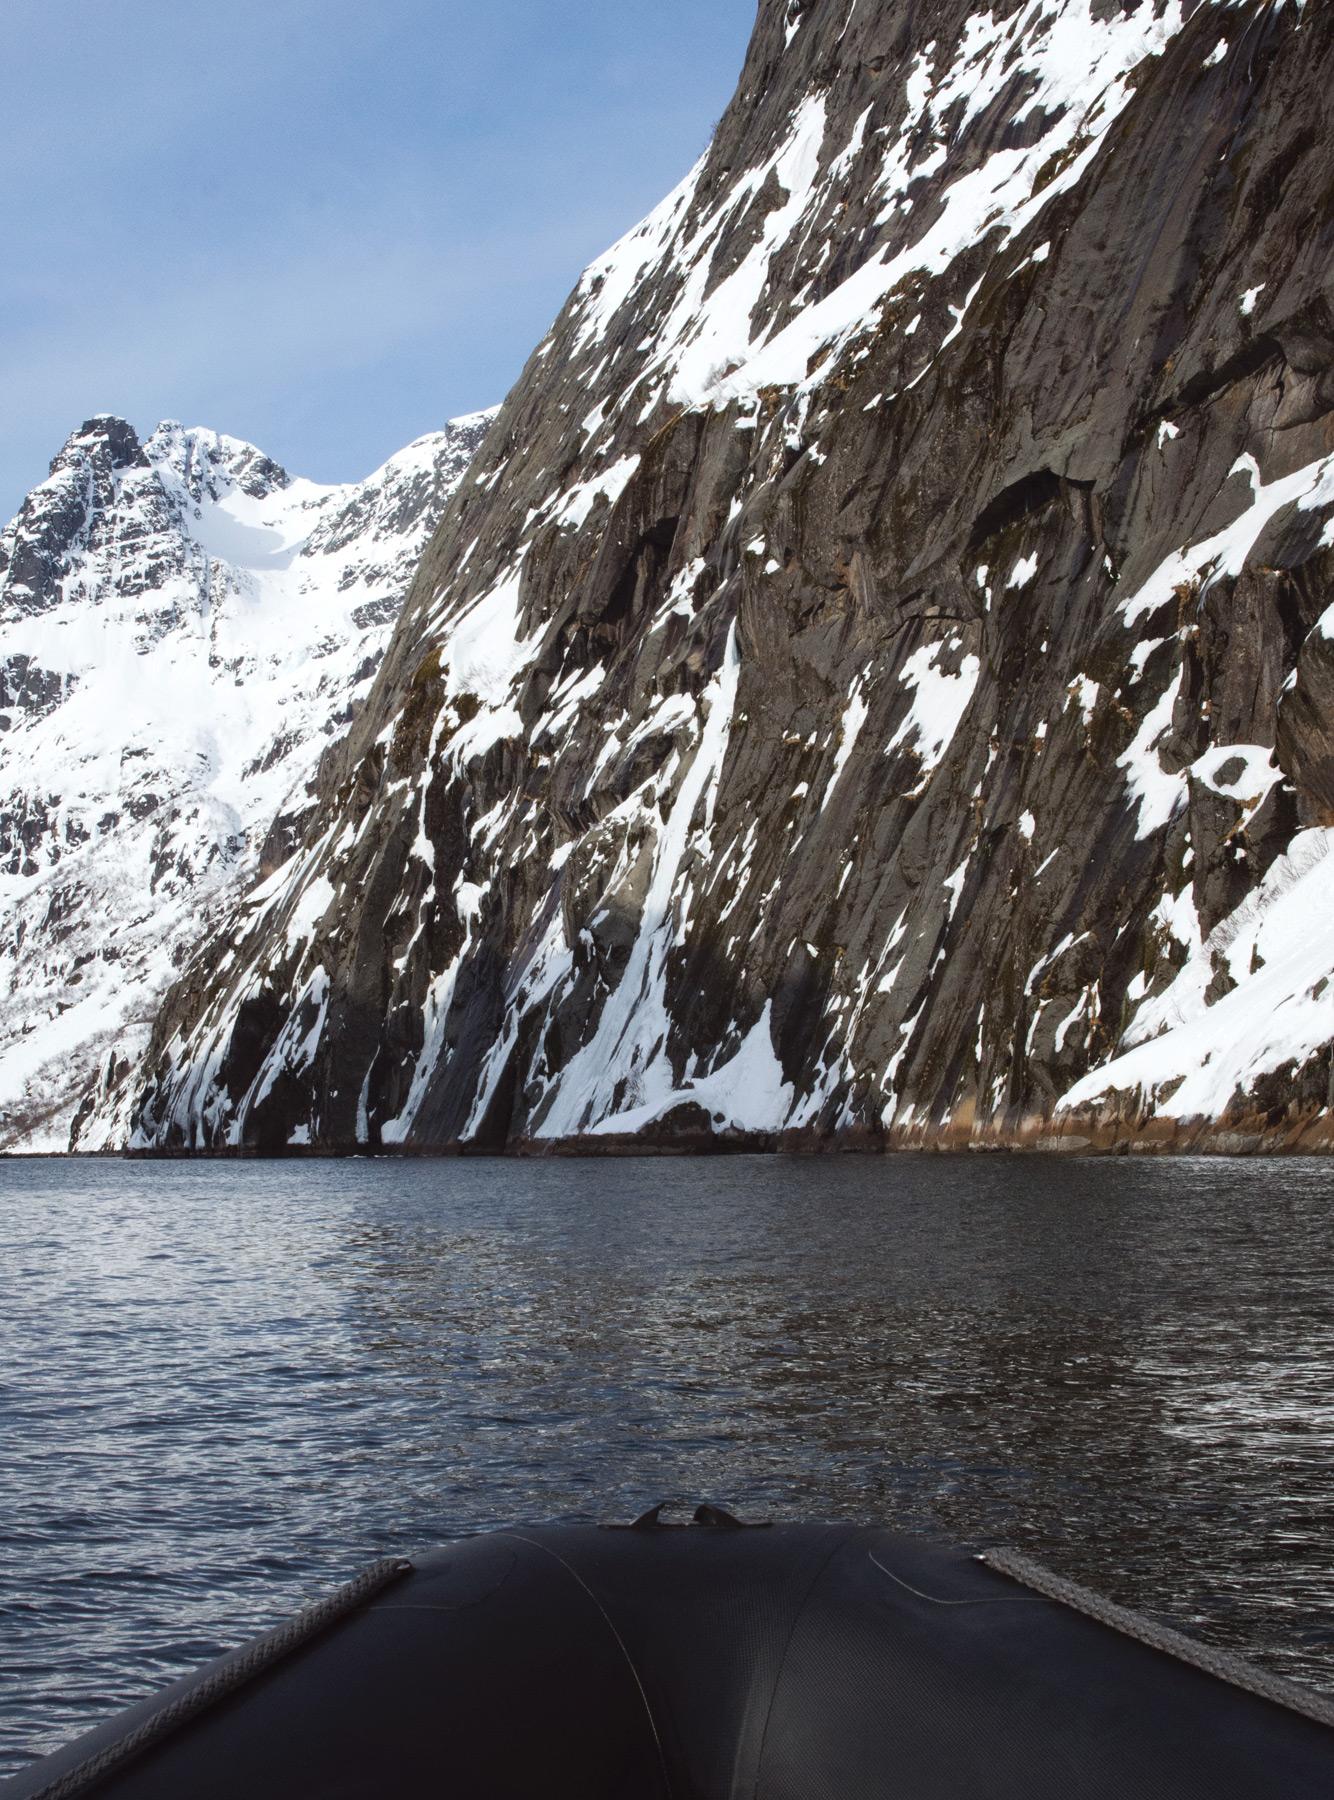 Rocky fjord entrance